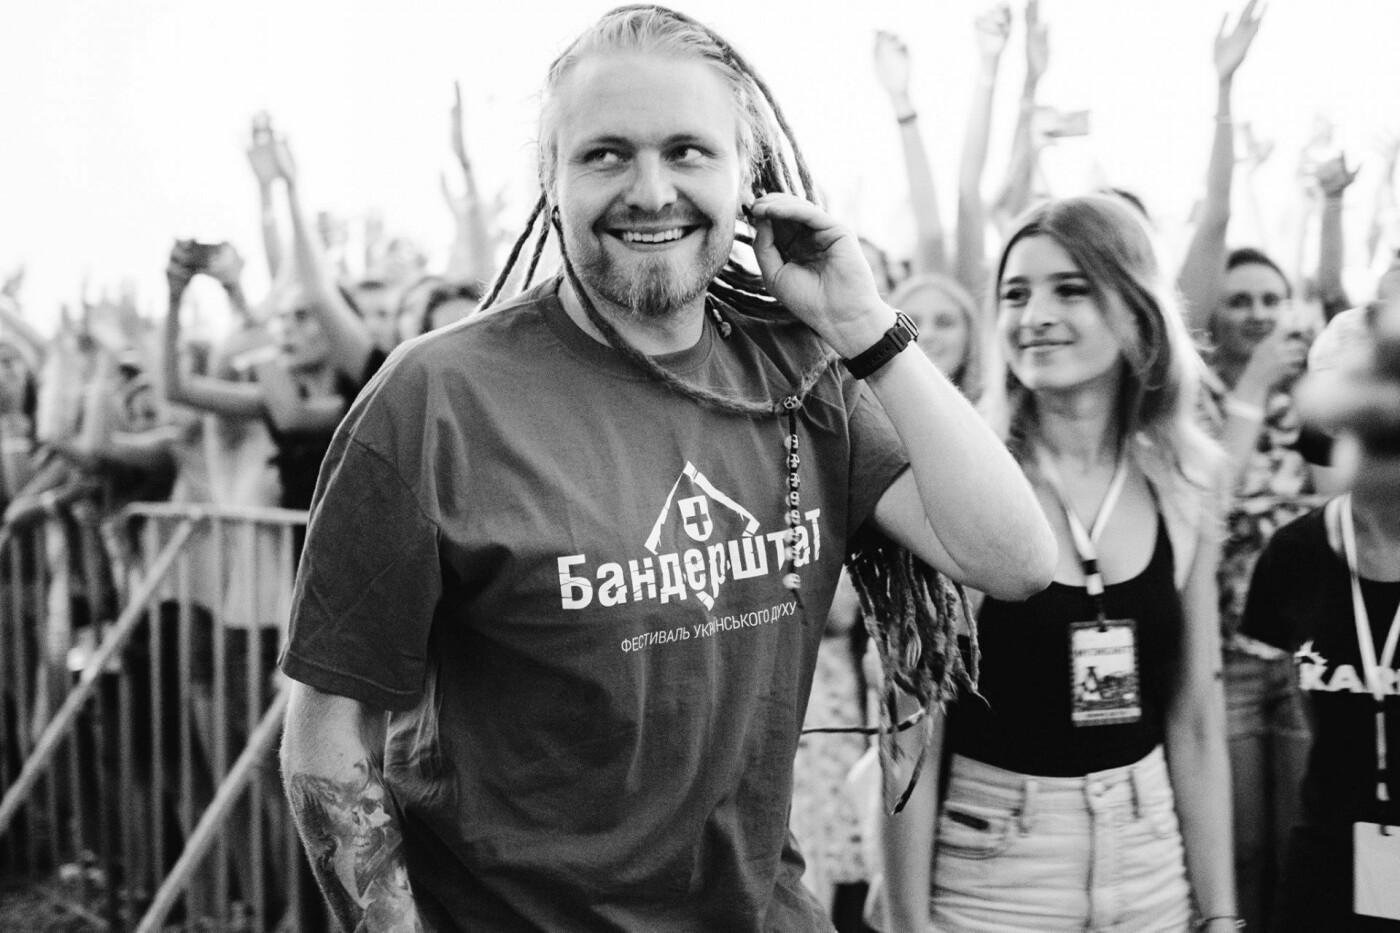 Зі Львова на Бандерштат: як добратись та програма фестивалю, фото-10